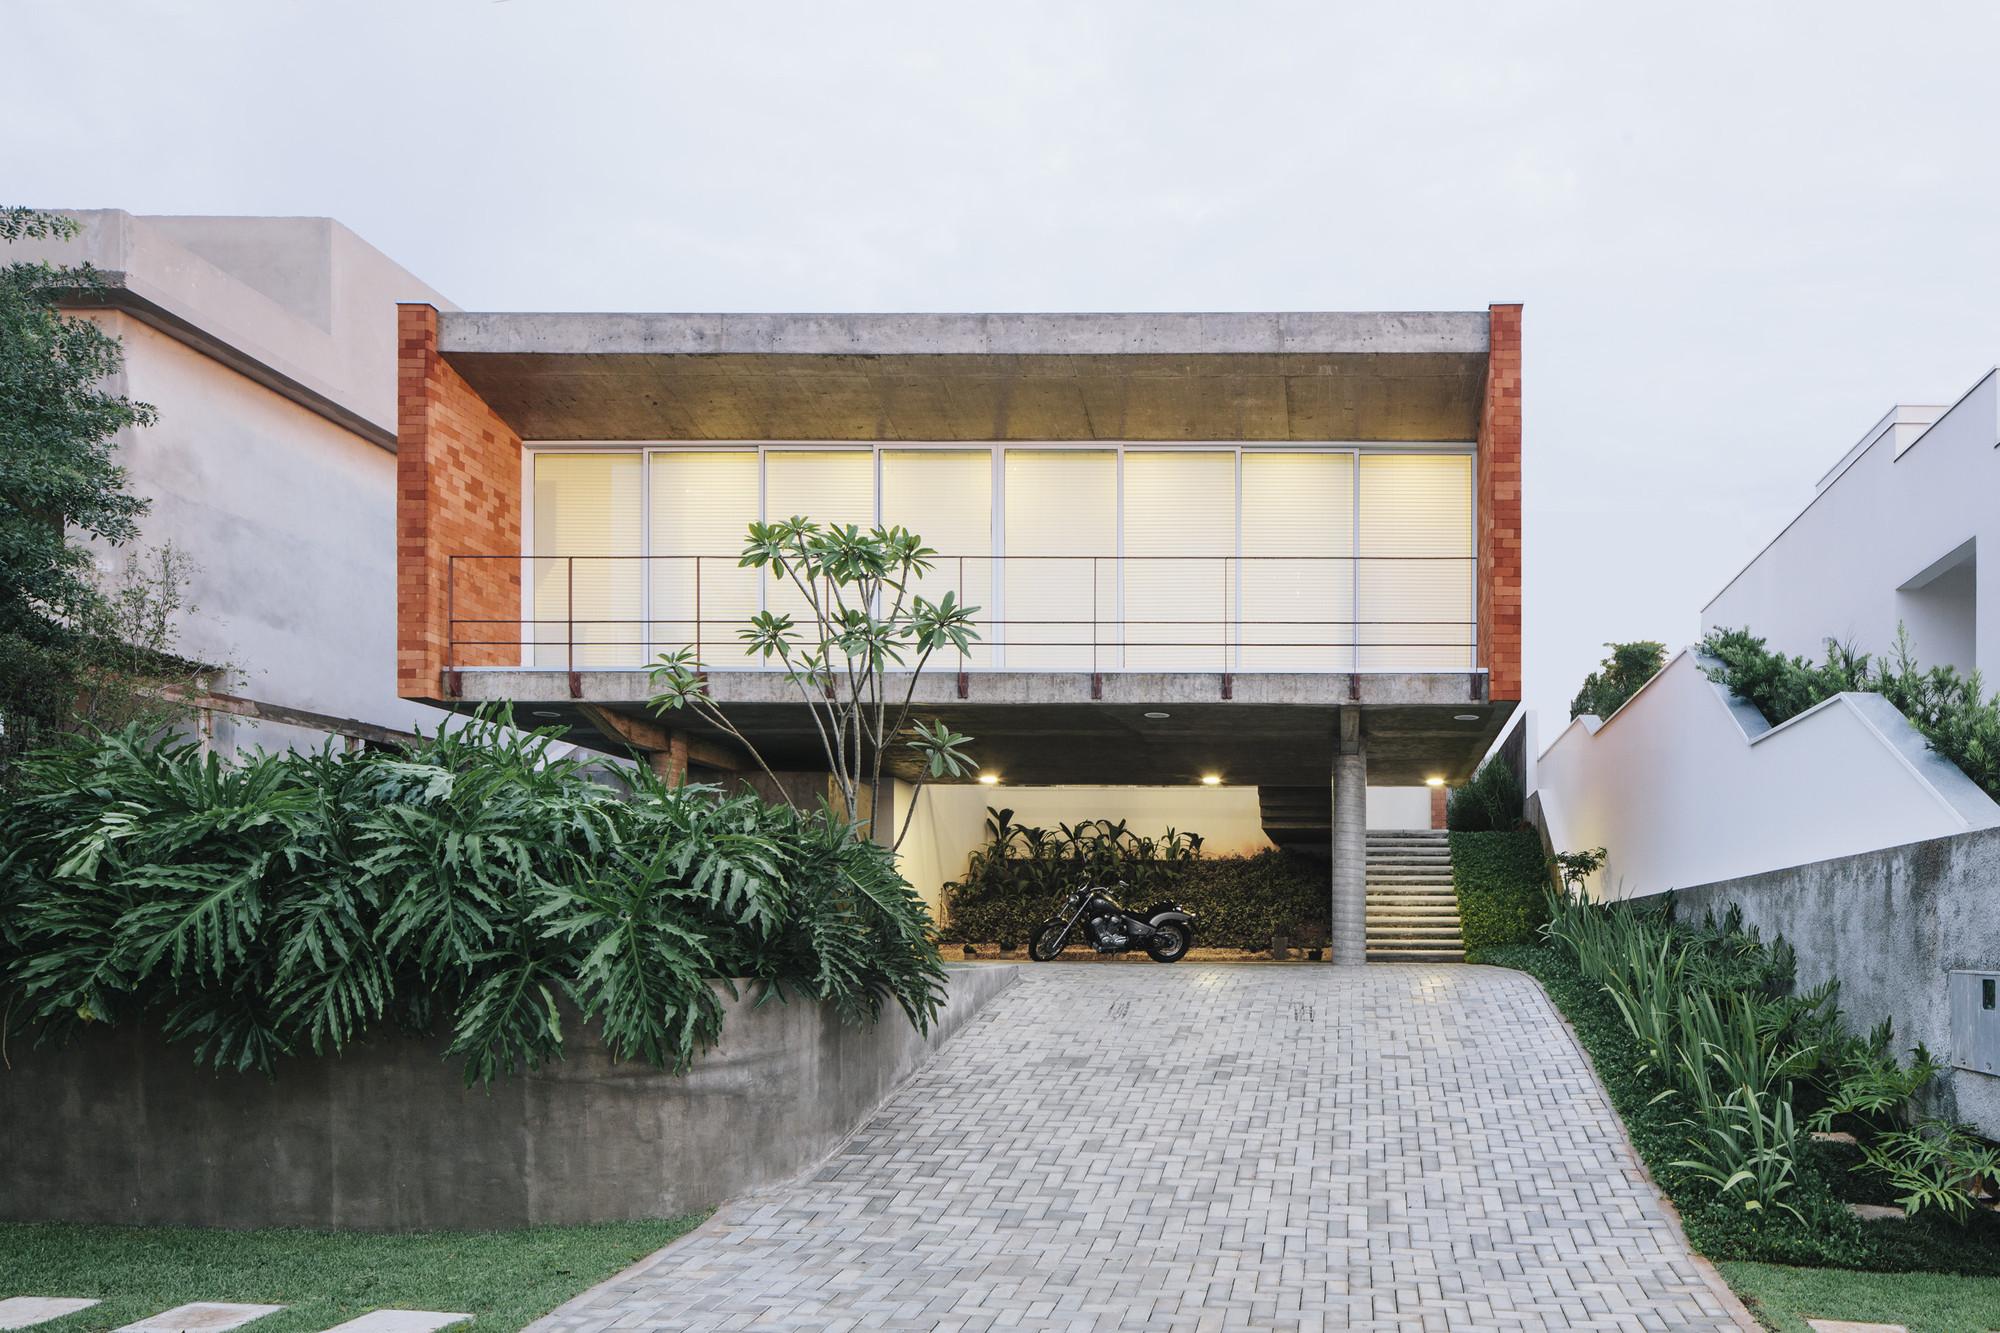 Casa en Tatuí / Felipe Hsu e Lucas Bittar